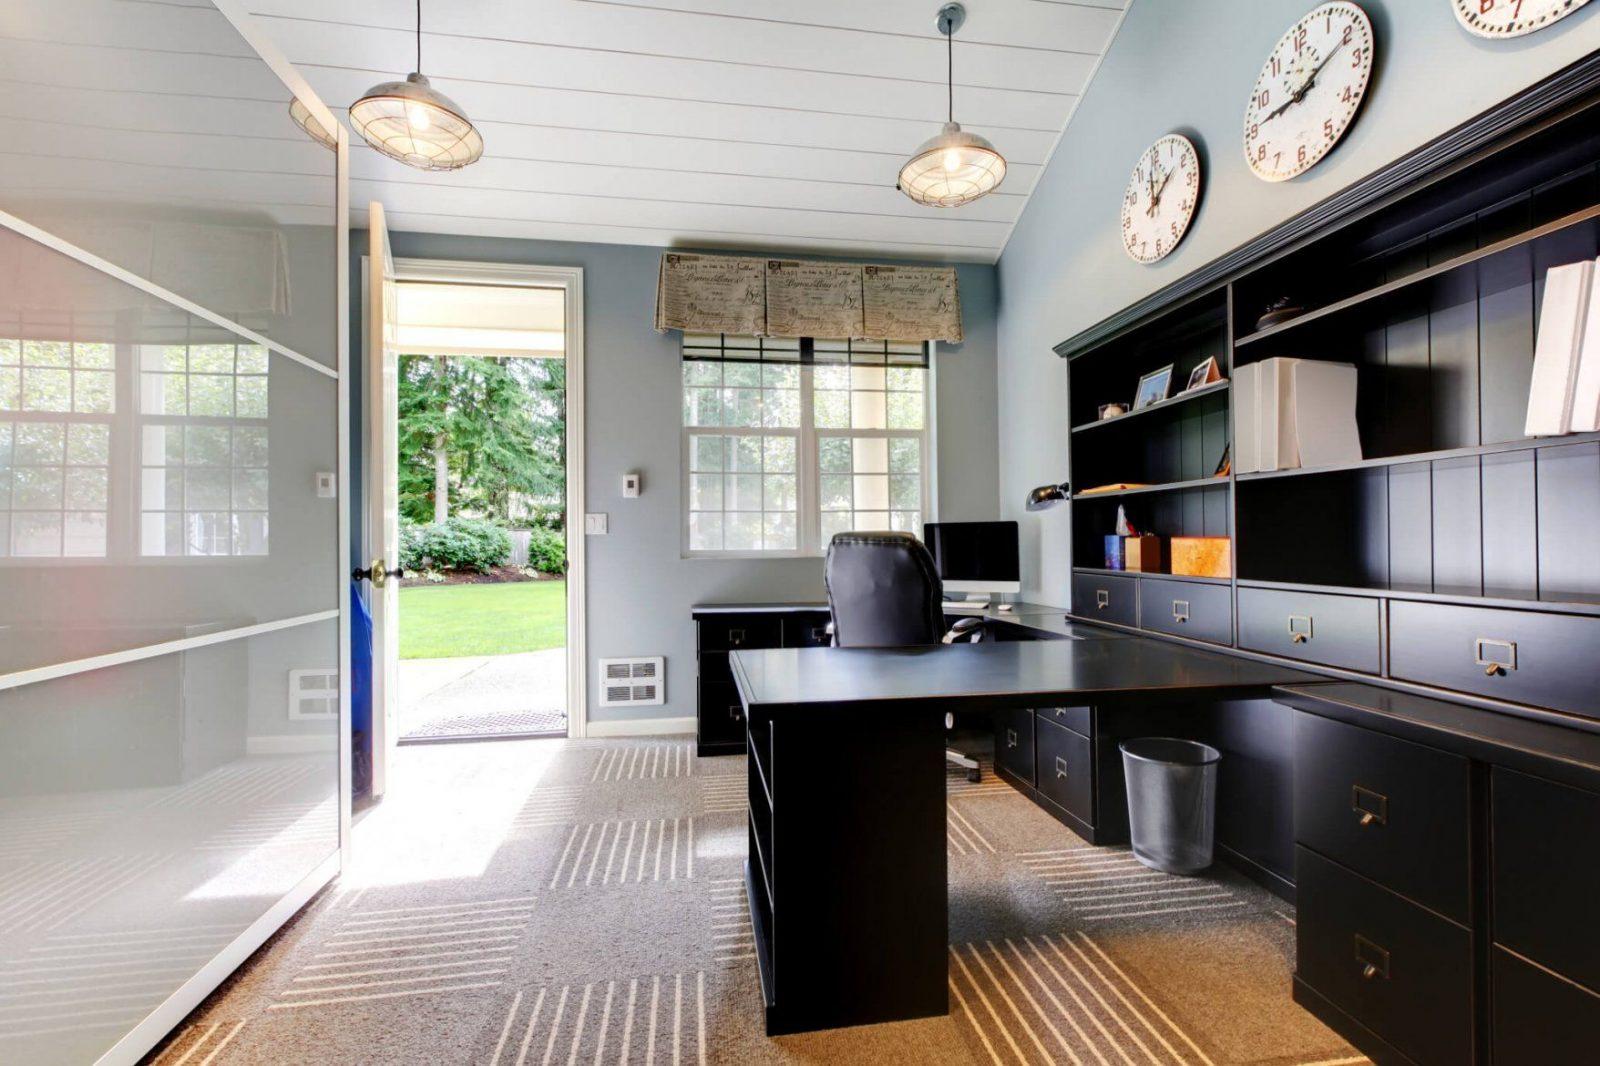 arbeitsplatz drucker wohnzimmer verstecken vitaplaza von b ro im wohnzimmer integrieren photo. Black Bedroom Furniture Sets. Home Design Ideas